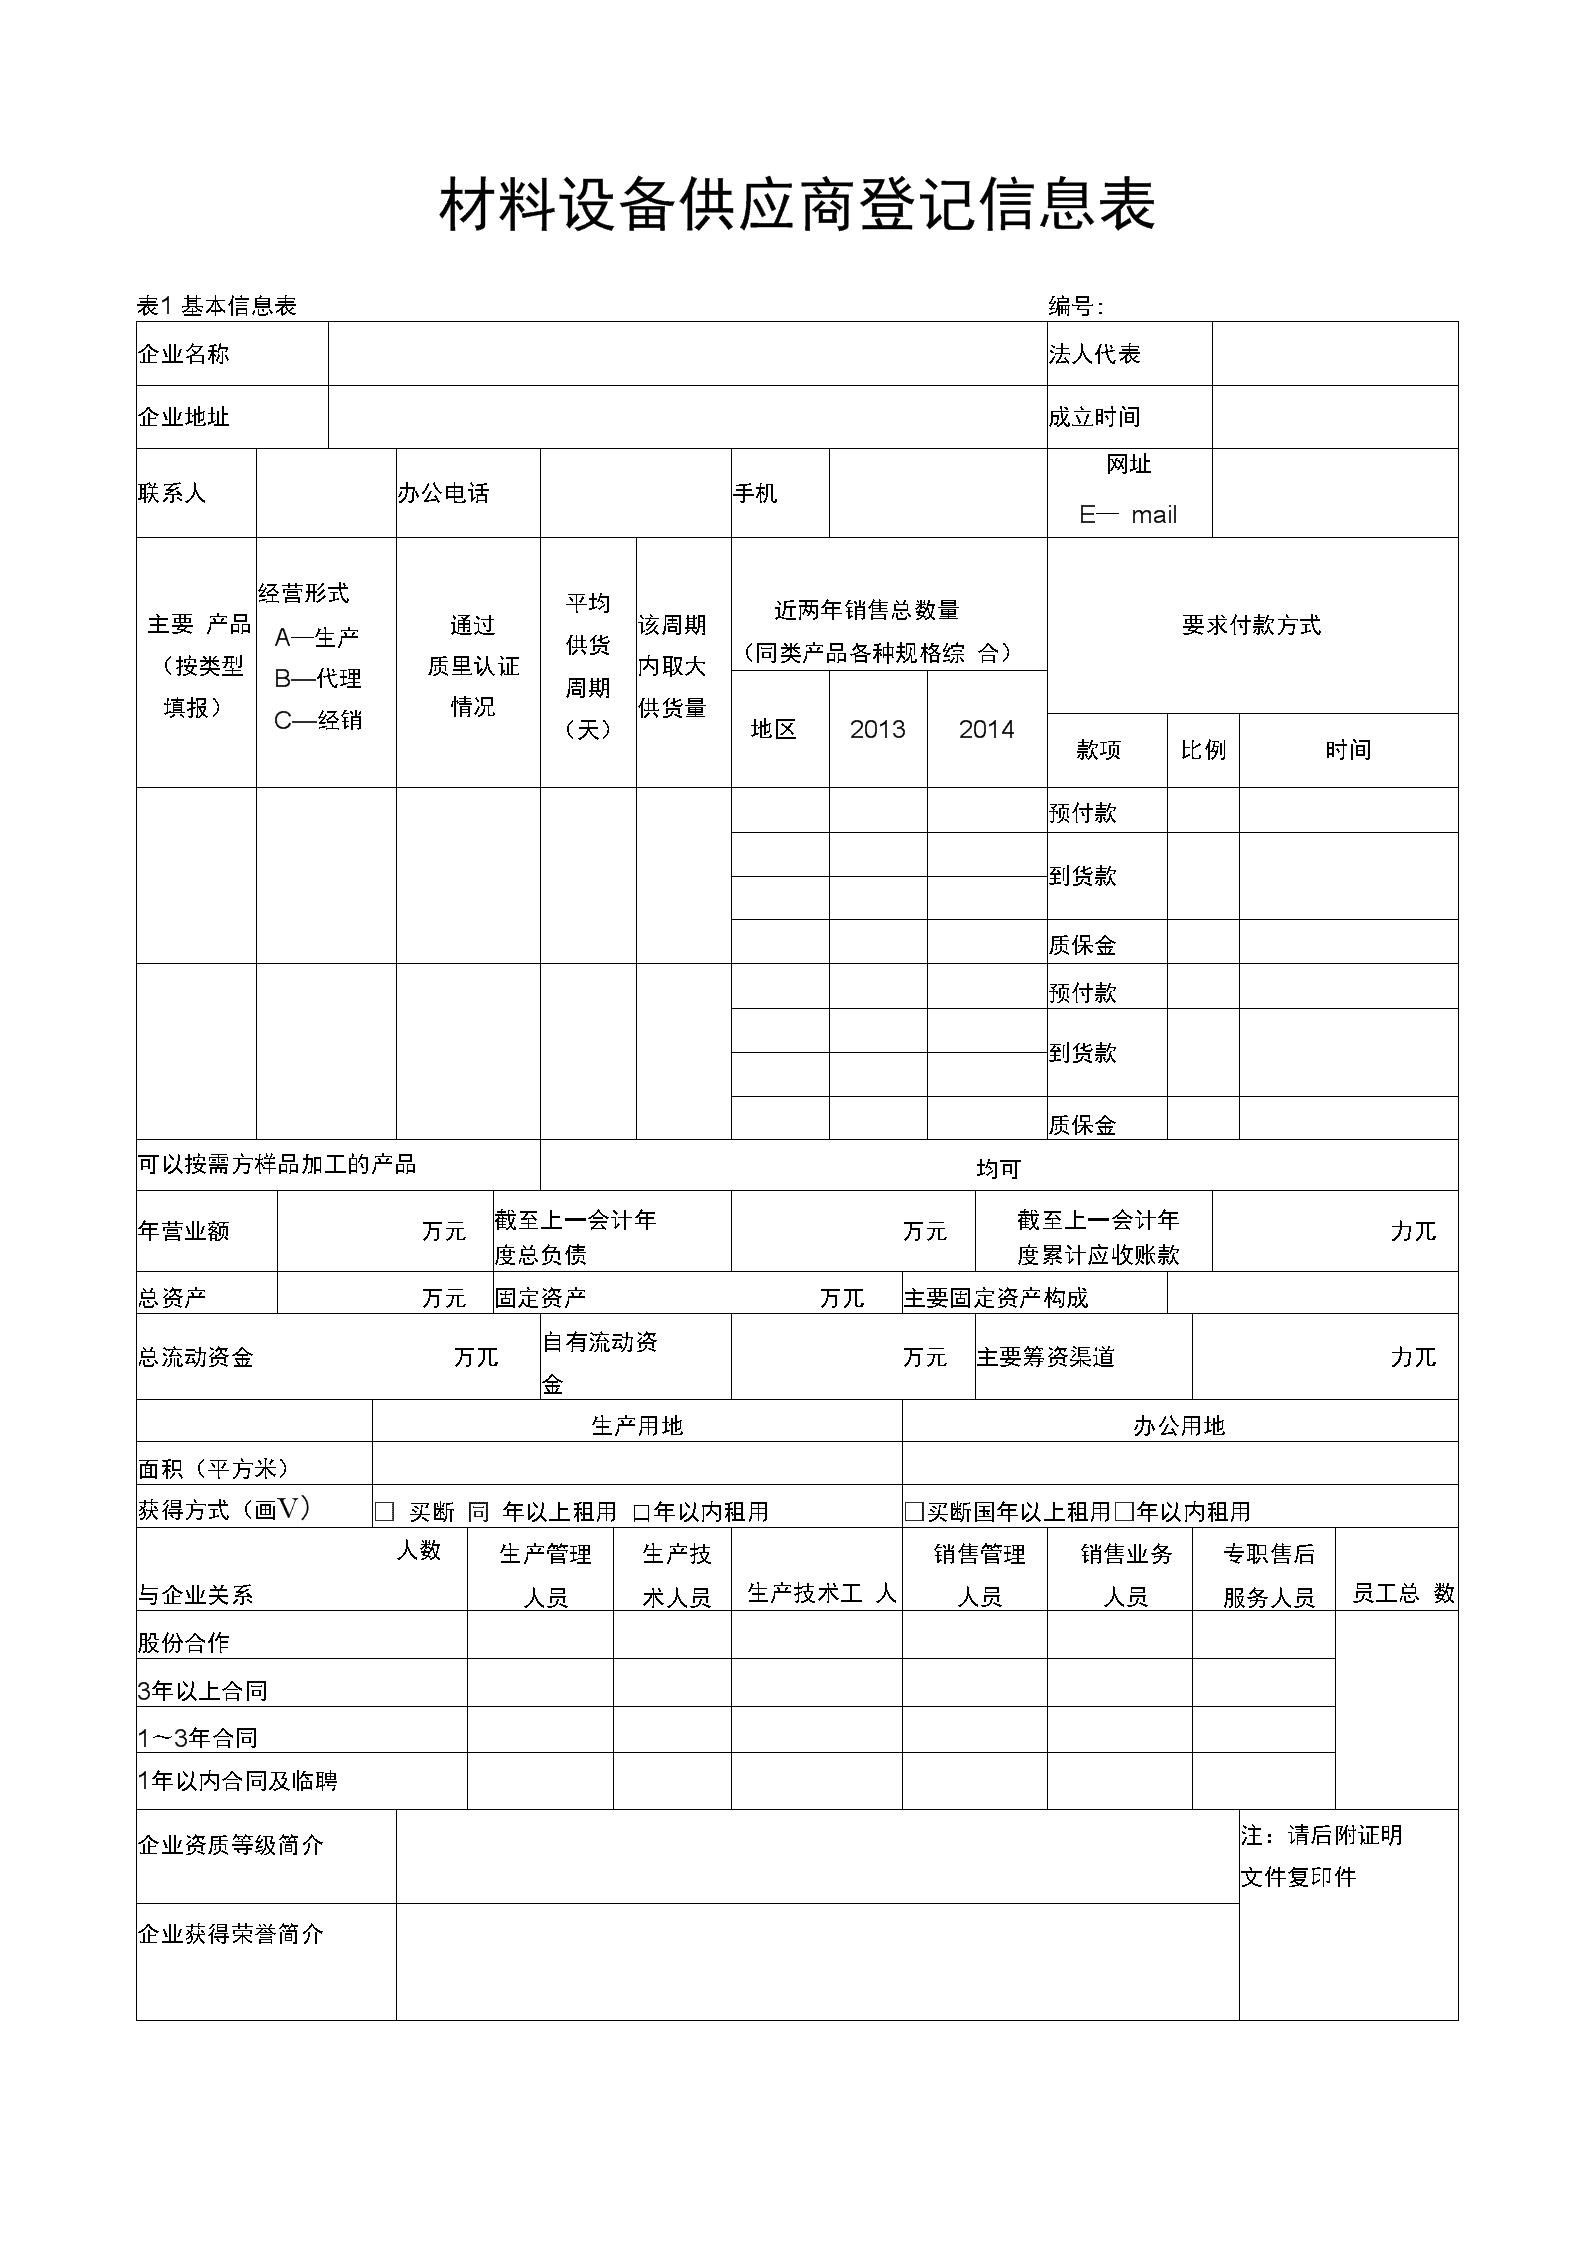 材料设备供应商登记信息表.docx